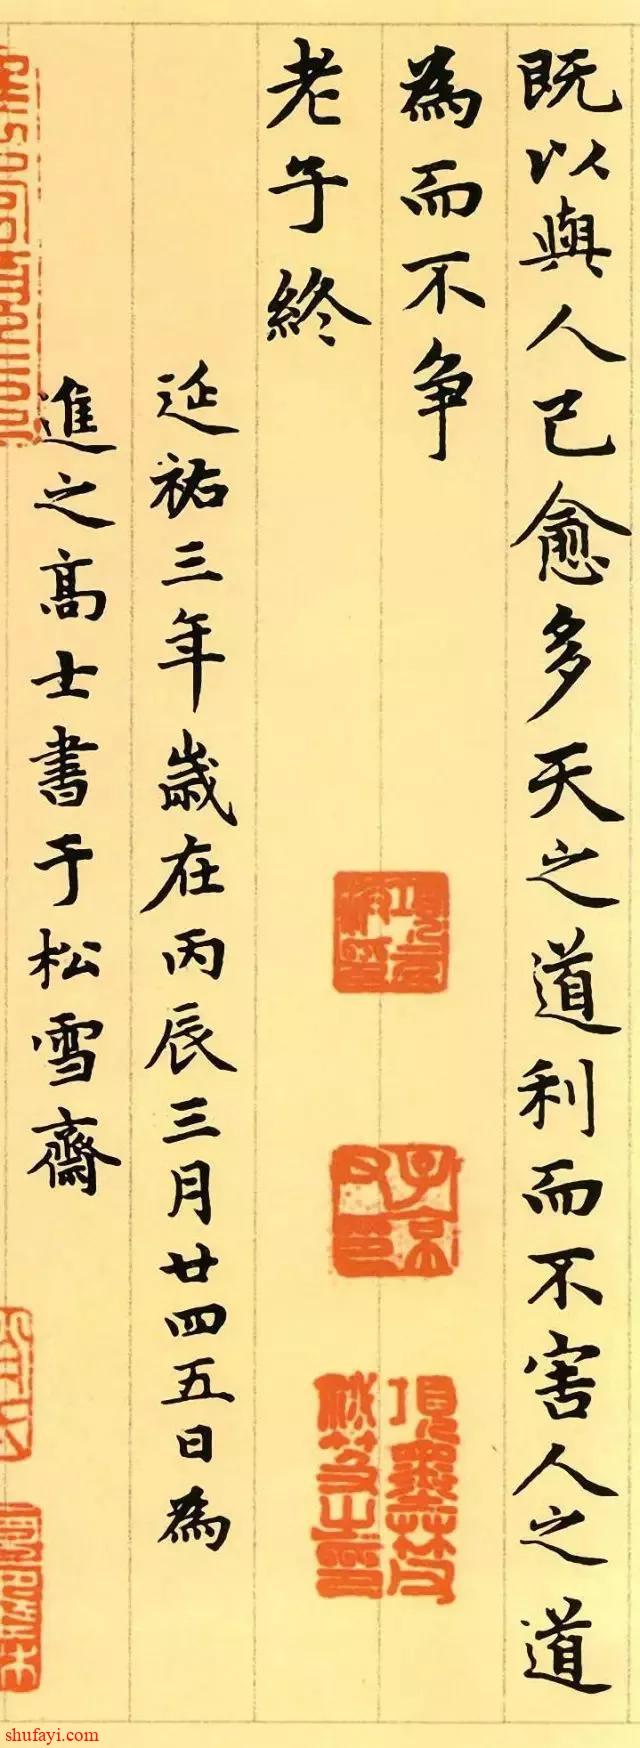 赵孟頫小楷《道德经》,高清版